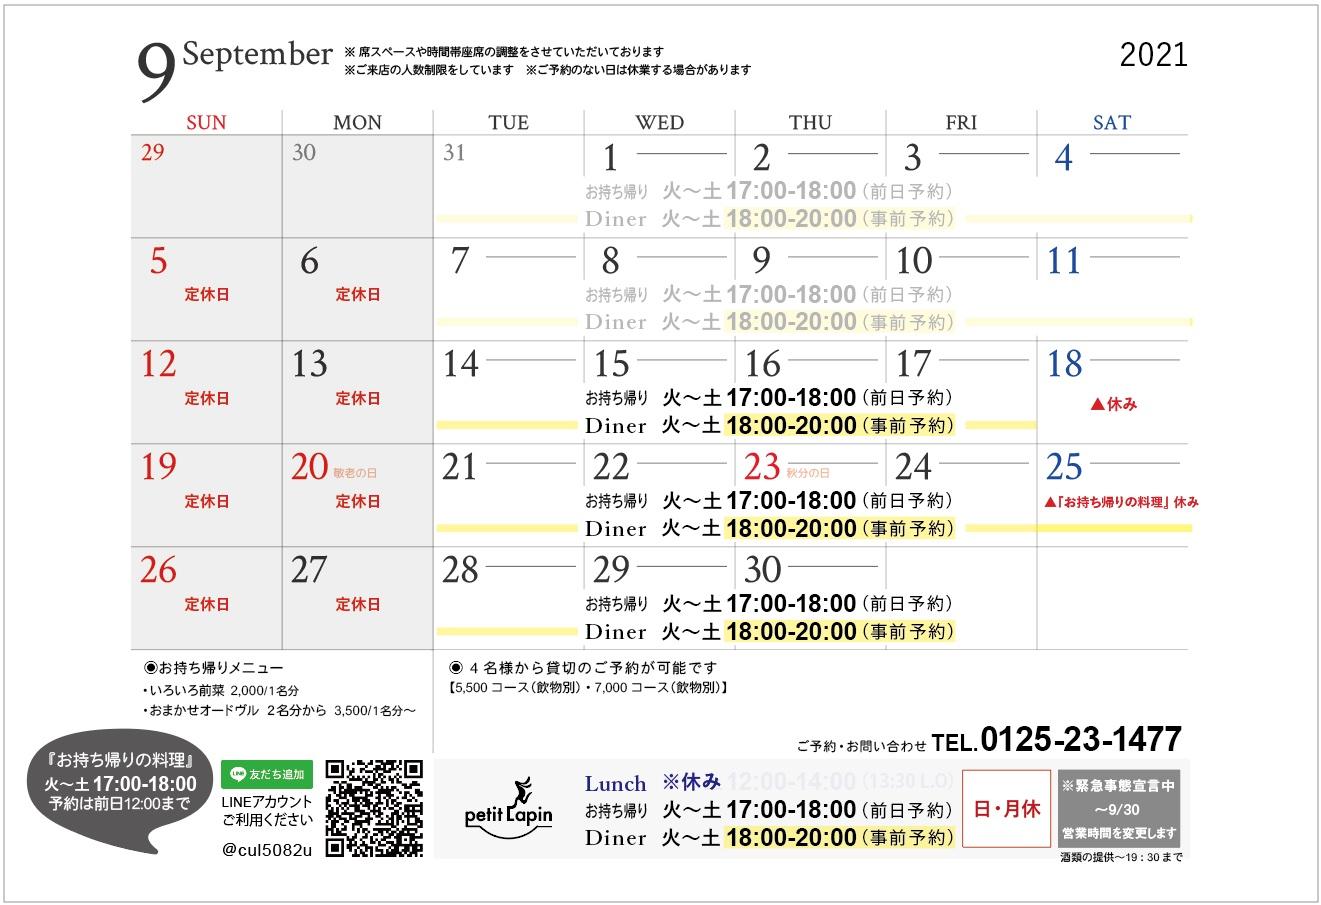 【プティラパン】9月のカレンダー